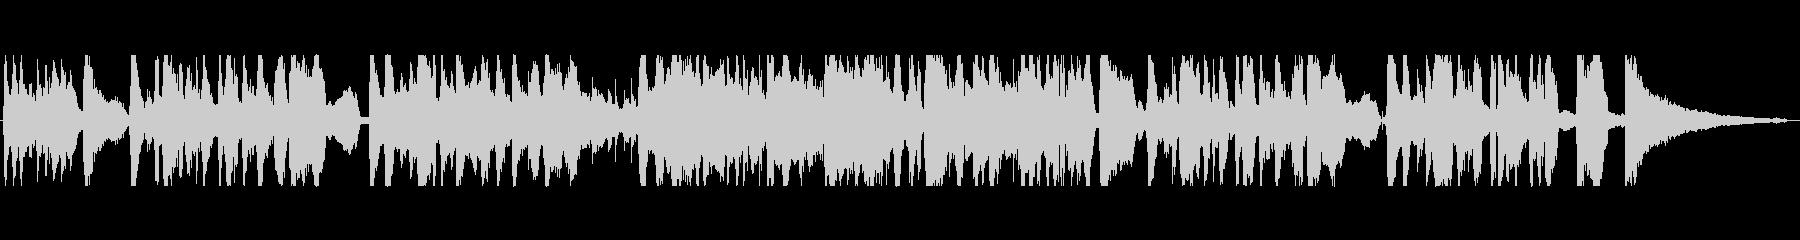 キウイをテーマにした楽曲の未再生の波形